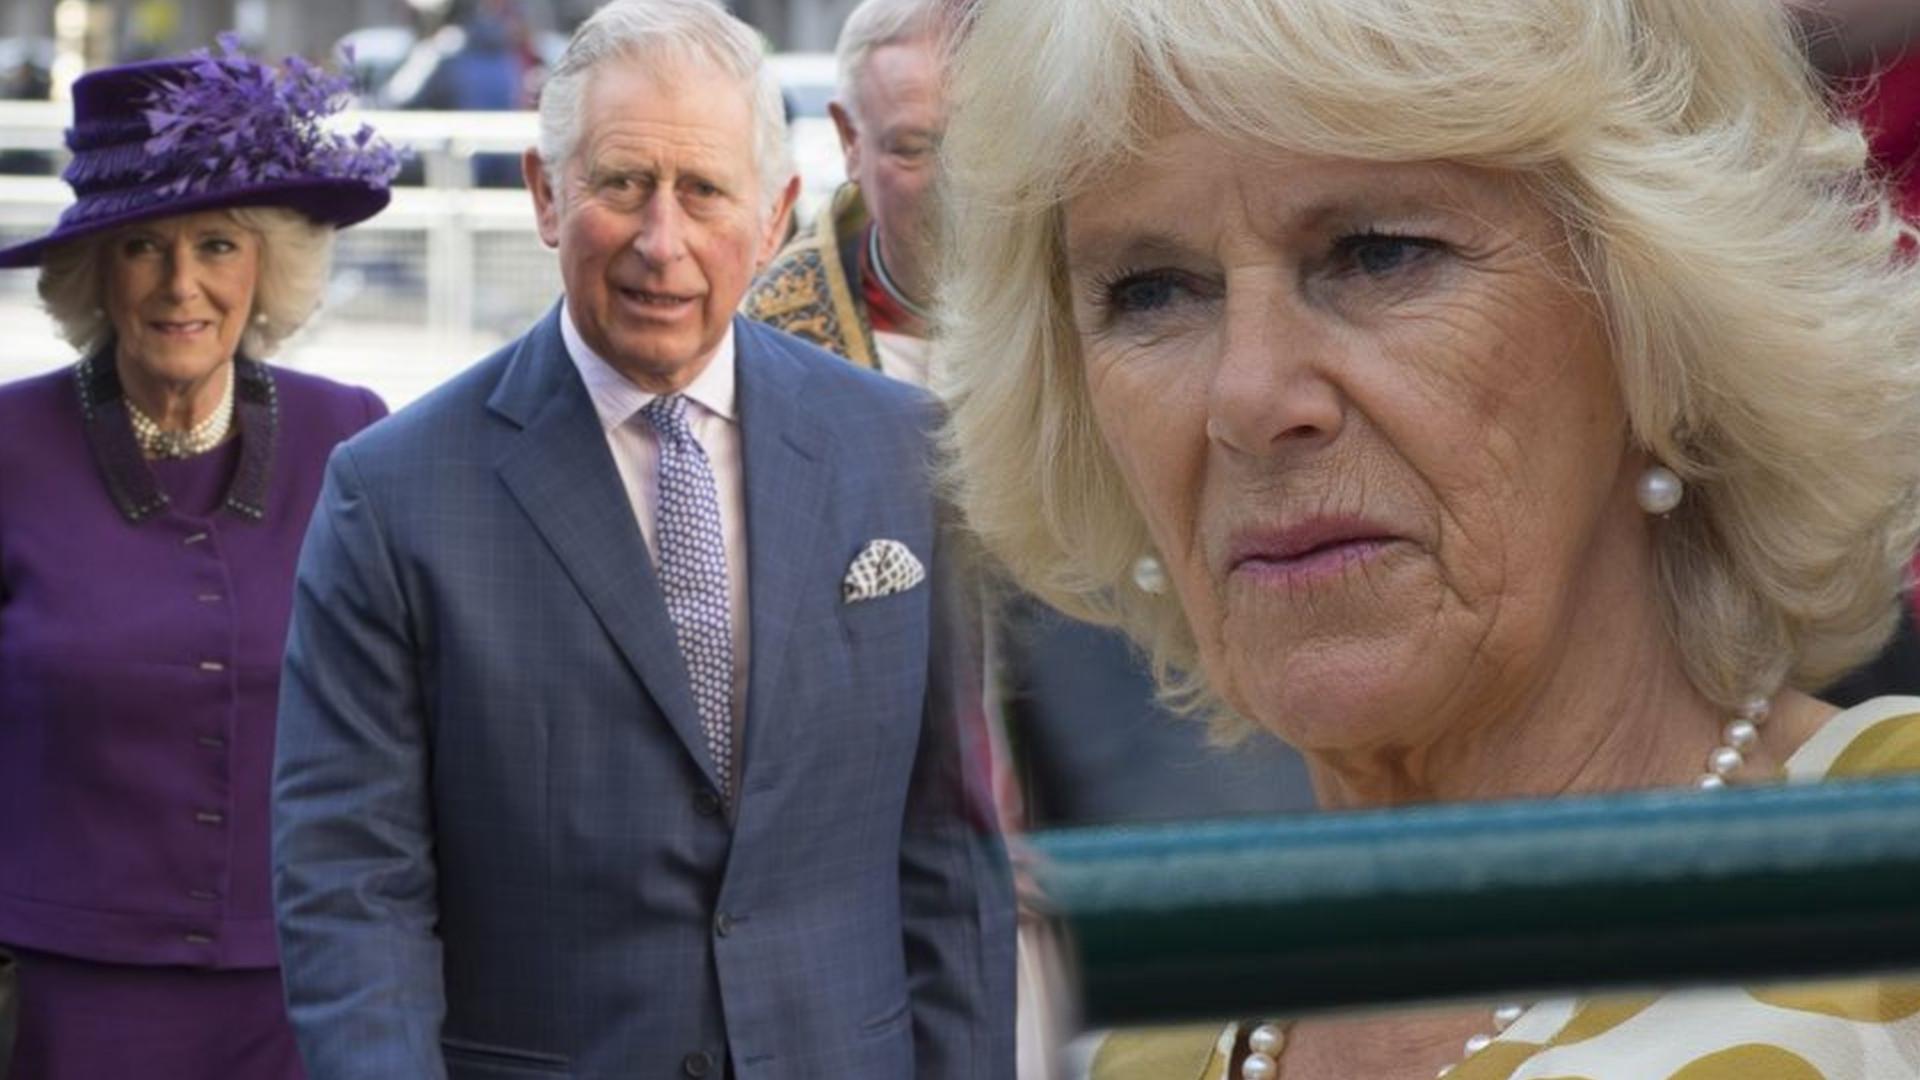 Mężczyzna zadał NIEWYGODNE pytanie księżnej Camilli. Jaka była jej reakcja?